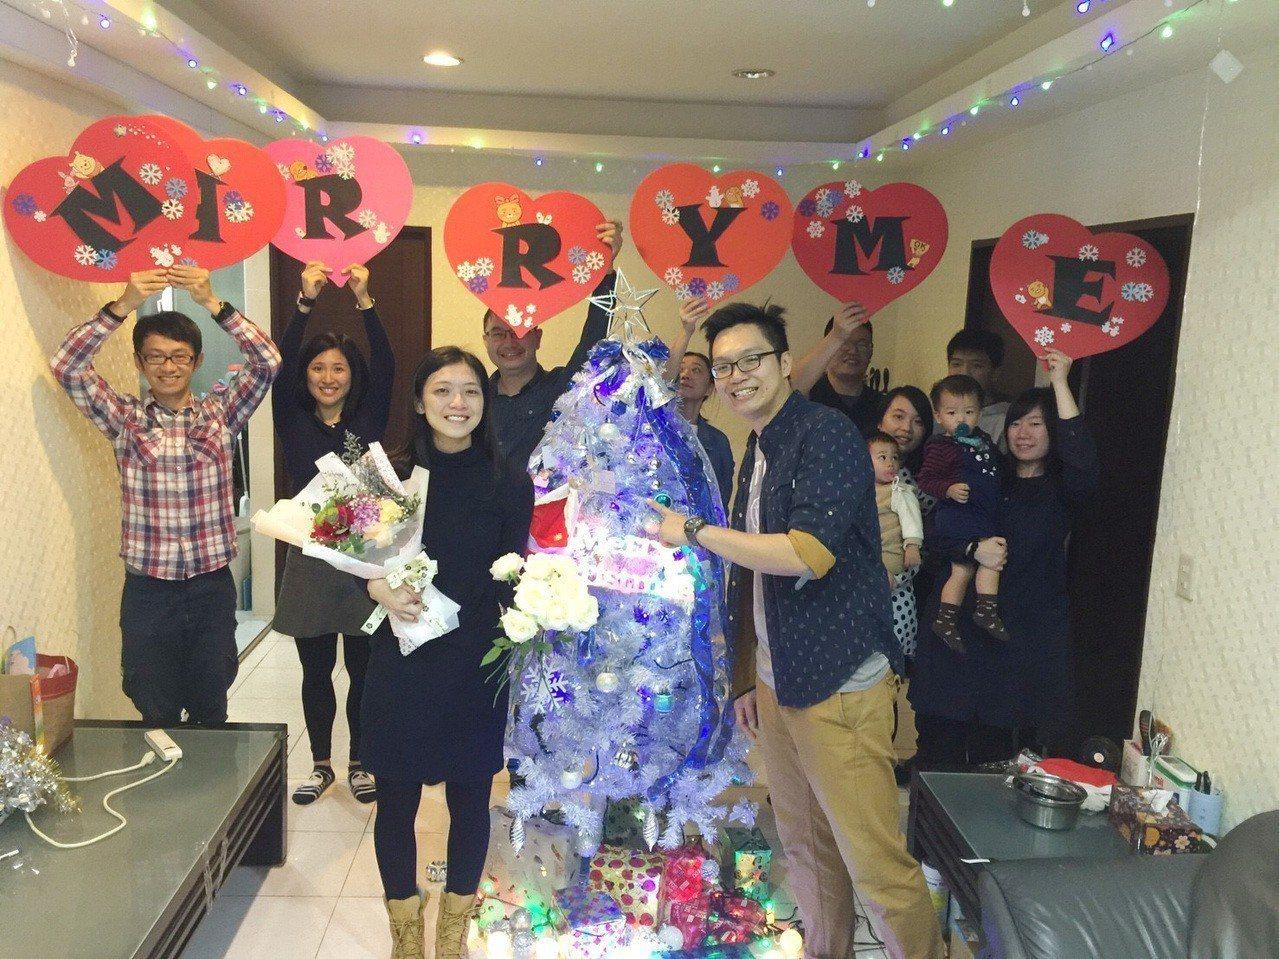 為向摯愛黃珮鈞(前左)求婚,去年12月24日沈文(前右)找來黃的閨蜜好友們密謀求...